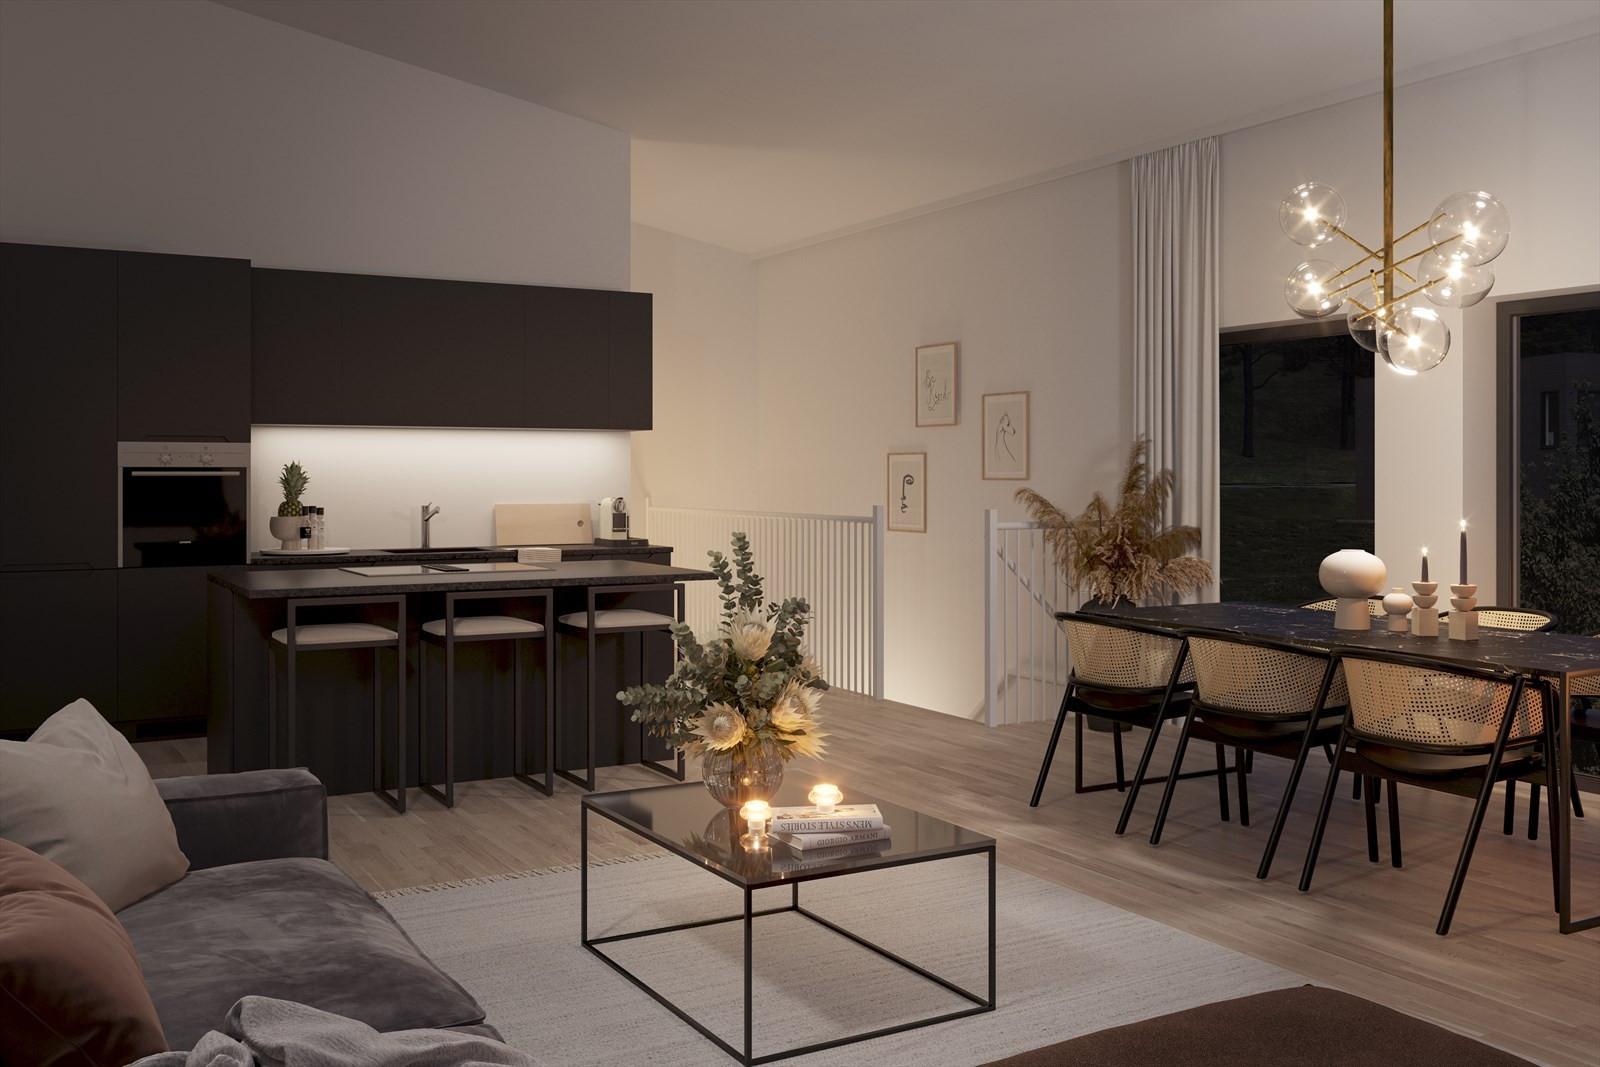 Boligene vil få en gjennomgående høy standard med blant annet pene HTH kjøkken. Dette er stuen i 5-roms leiligheten i bolig 12-1.